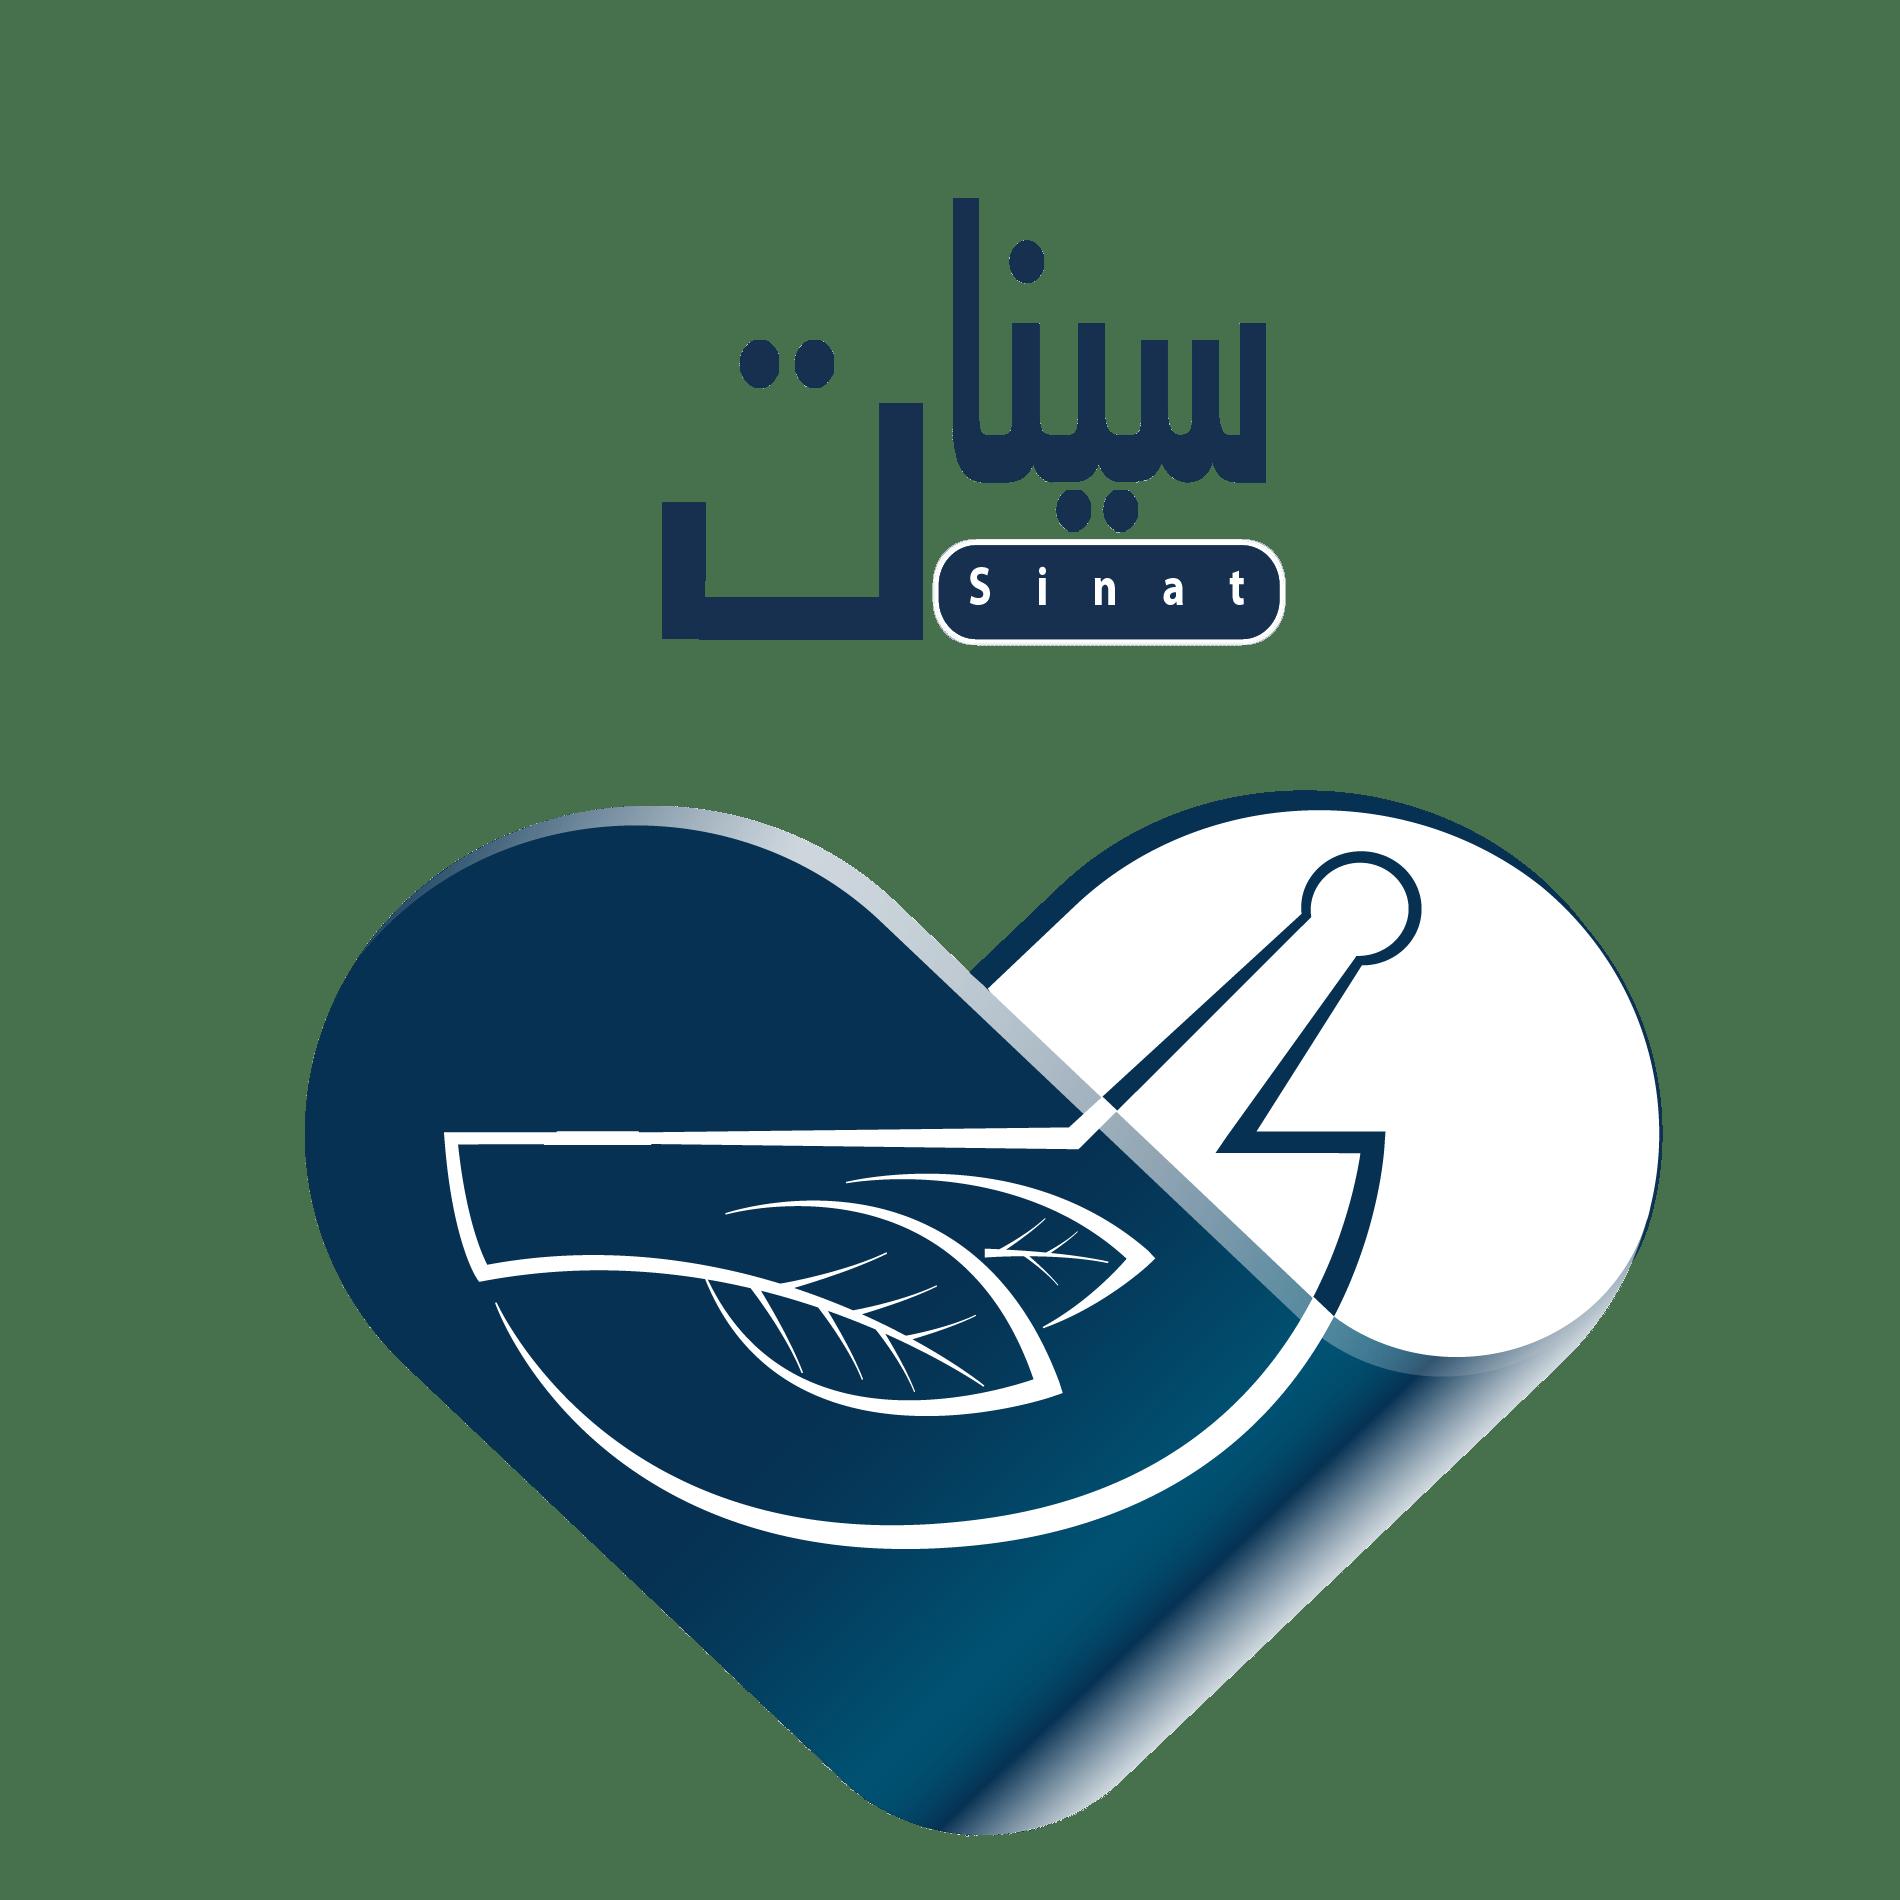 Open Logo Seenat 2